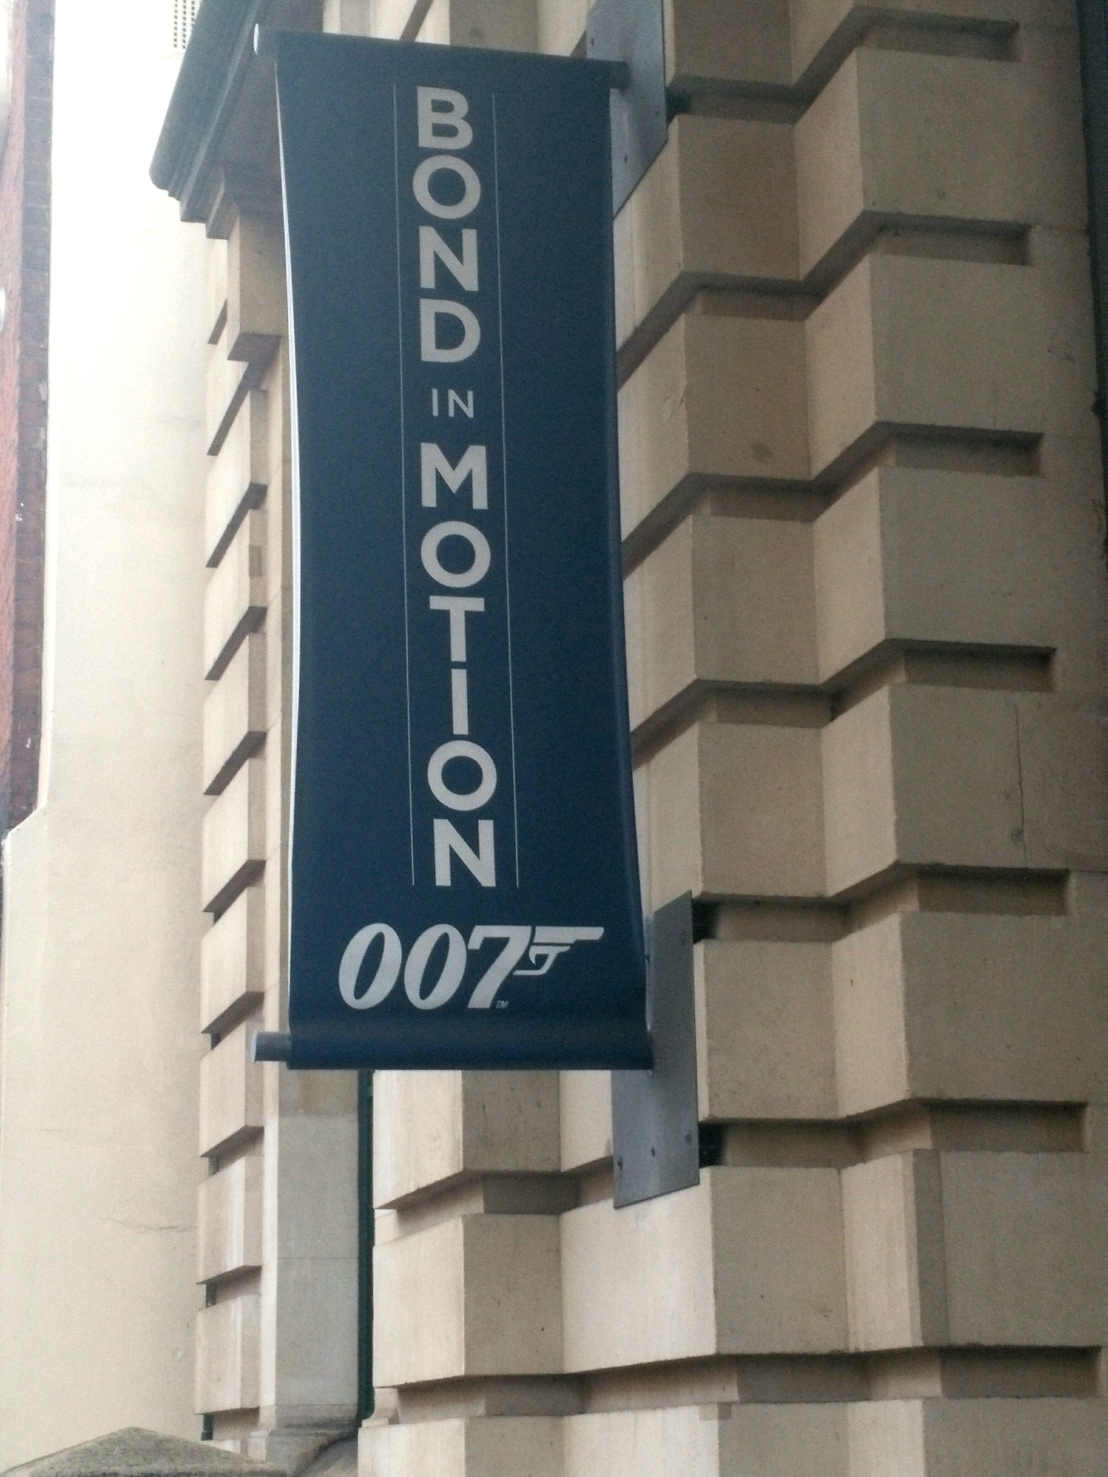 All things Bond